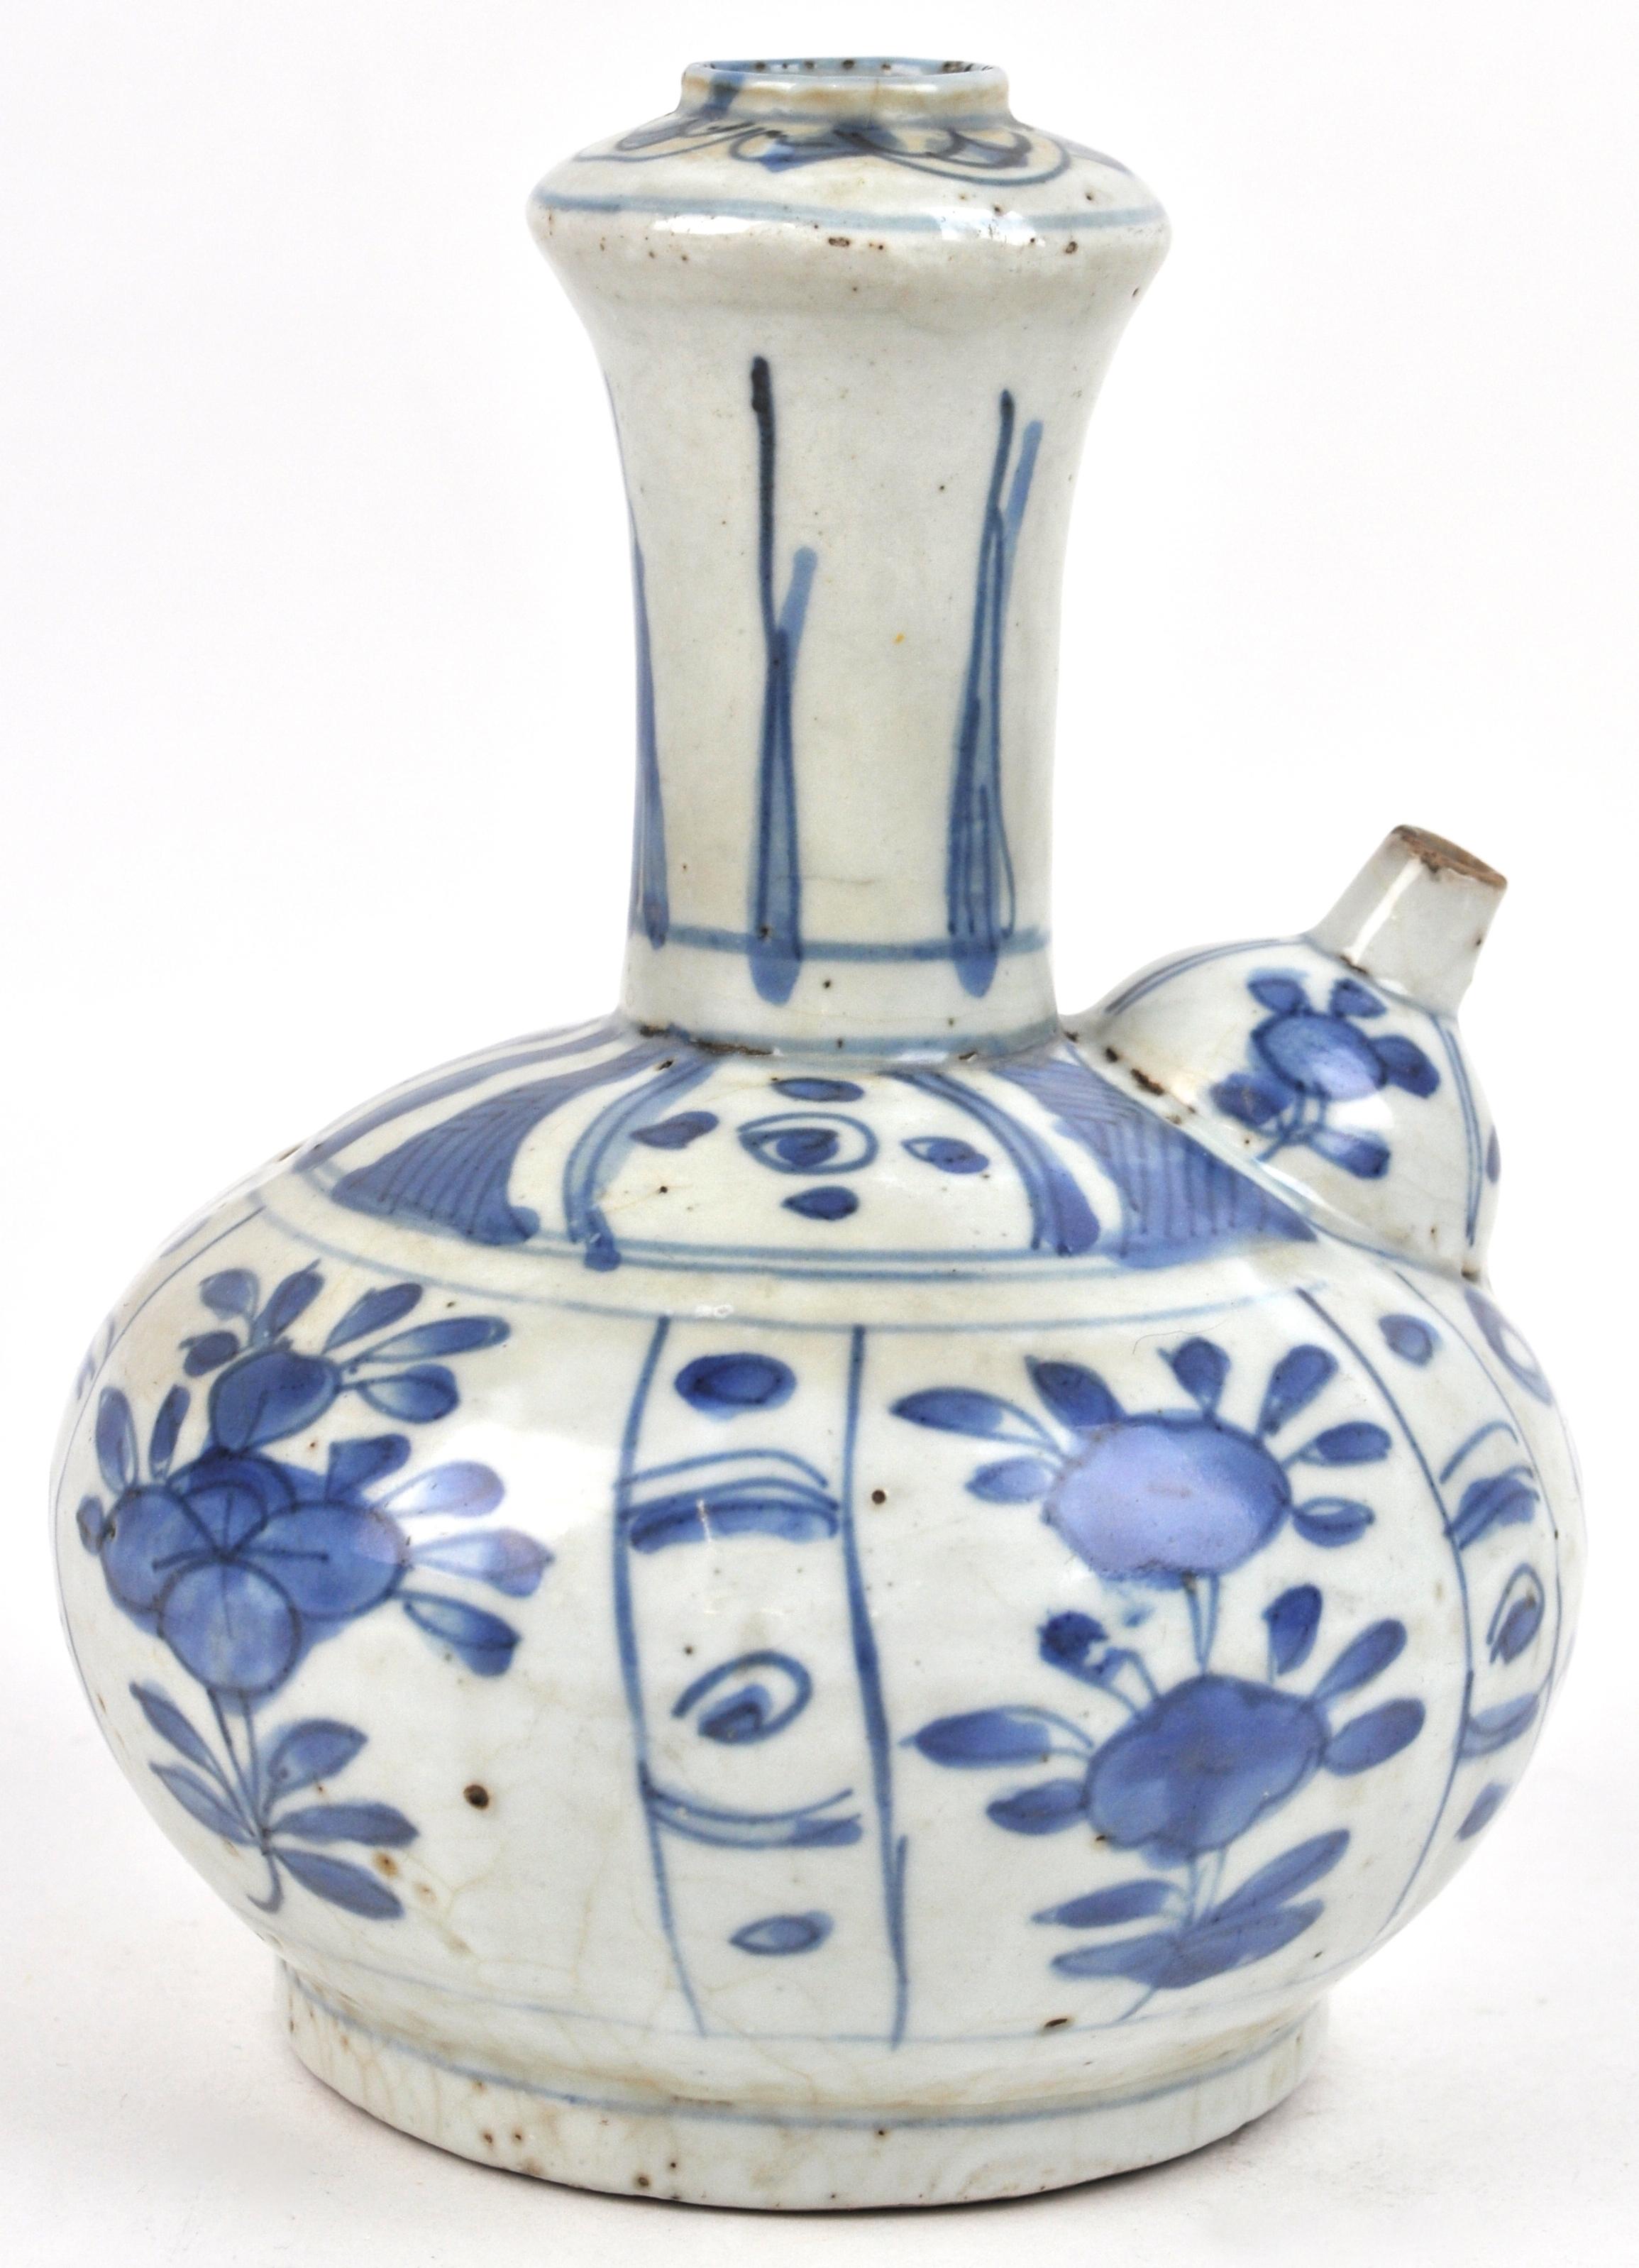 Een Chinese kruik van blauw en wit aardewerk, versierd met een bloemendecor. Periode Ming?